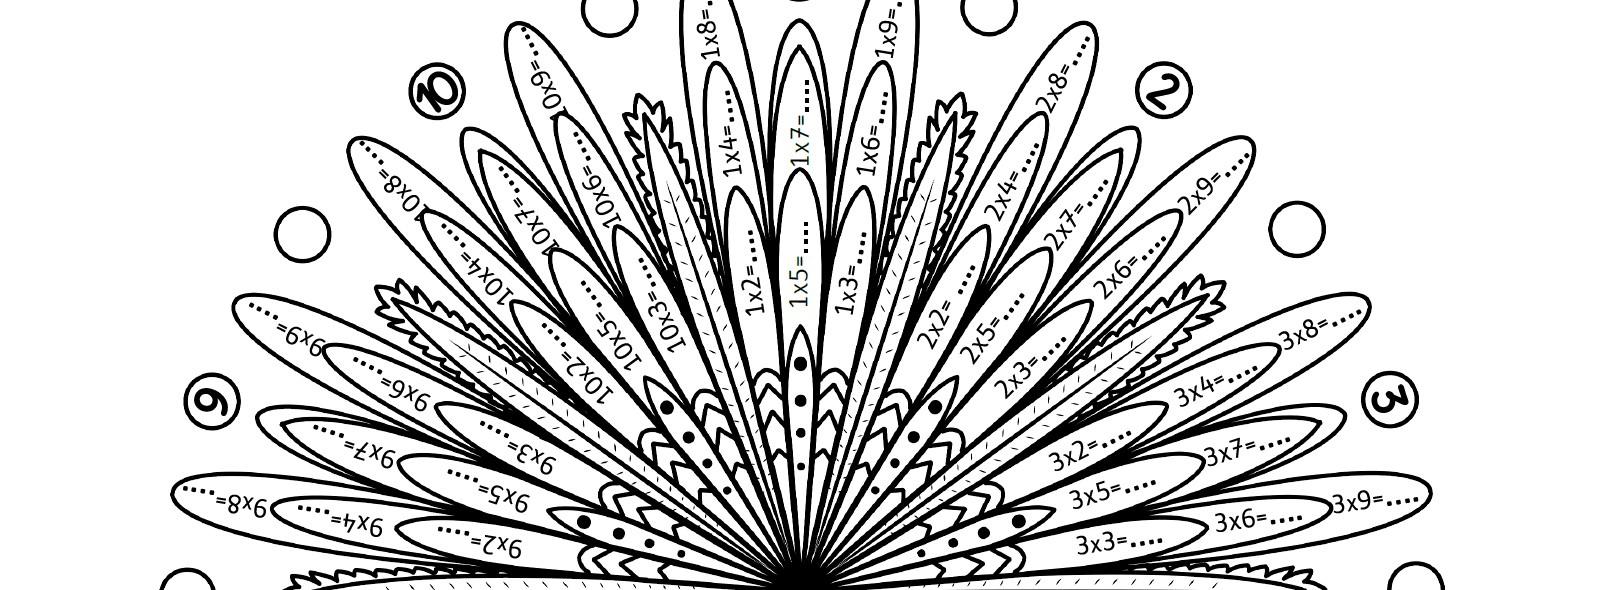 Mes Mandalas Des Tables De Multiplication - La Tanière De Kyban dedans Coloriage Chiffres 1 À 10